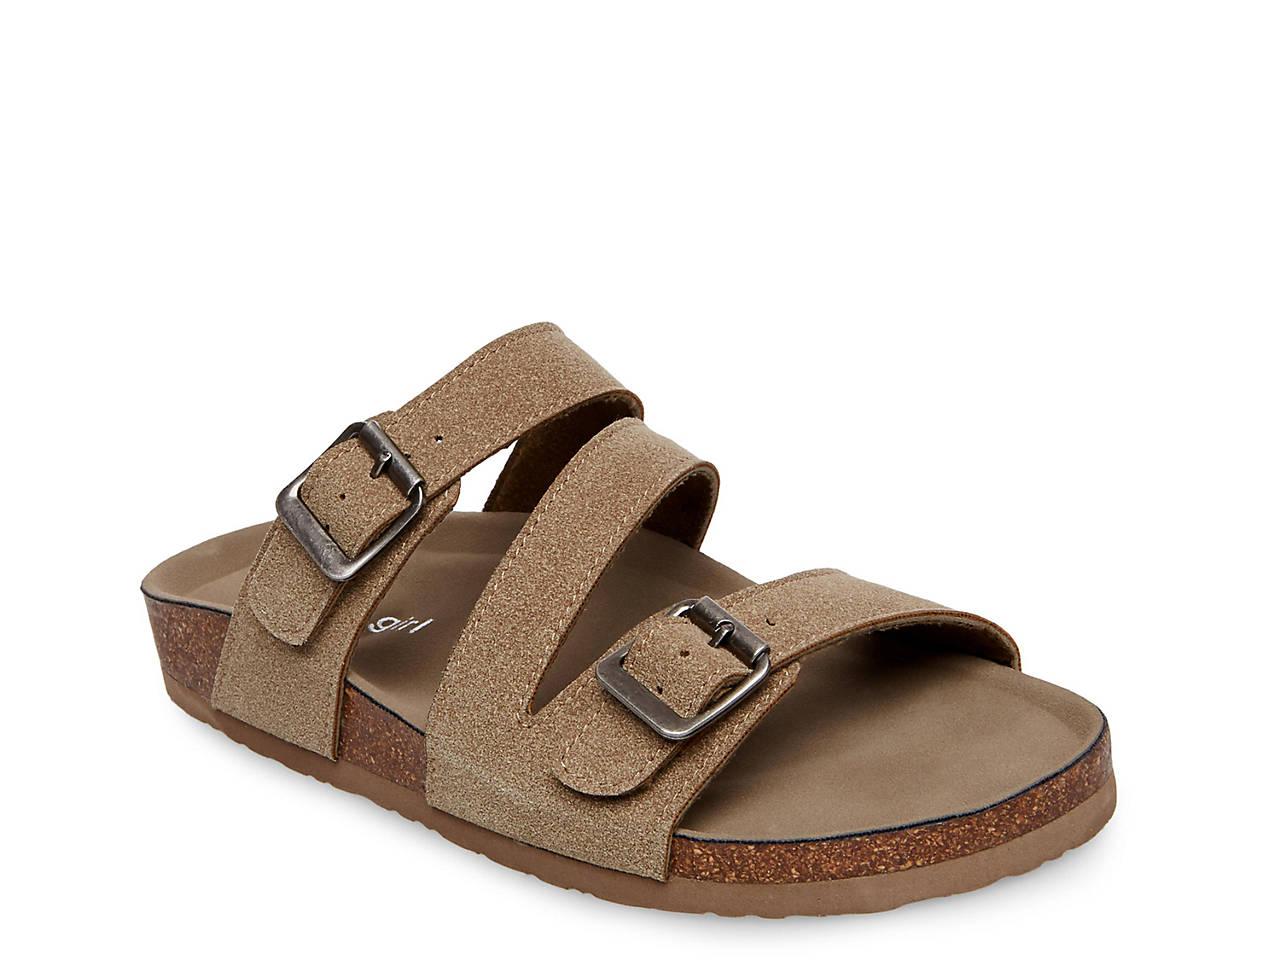 Madden Girl Brinsley Slide Sandal 9qb4KfdgSi